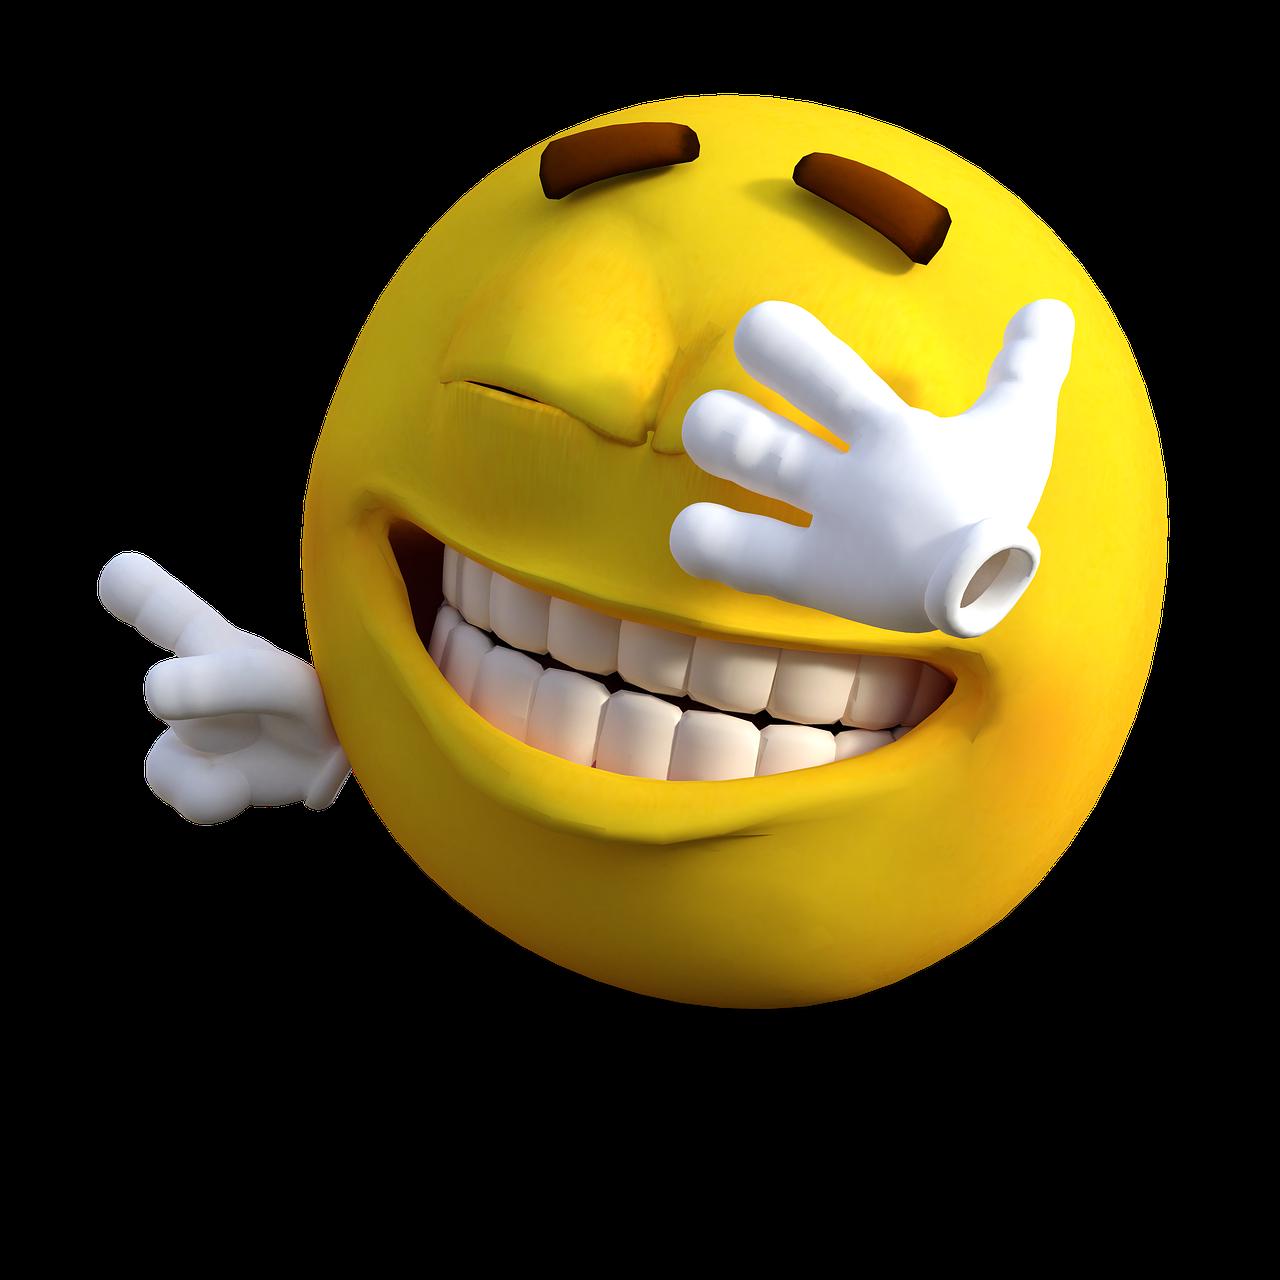 smiley, emoticon, emoji